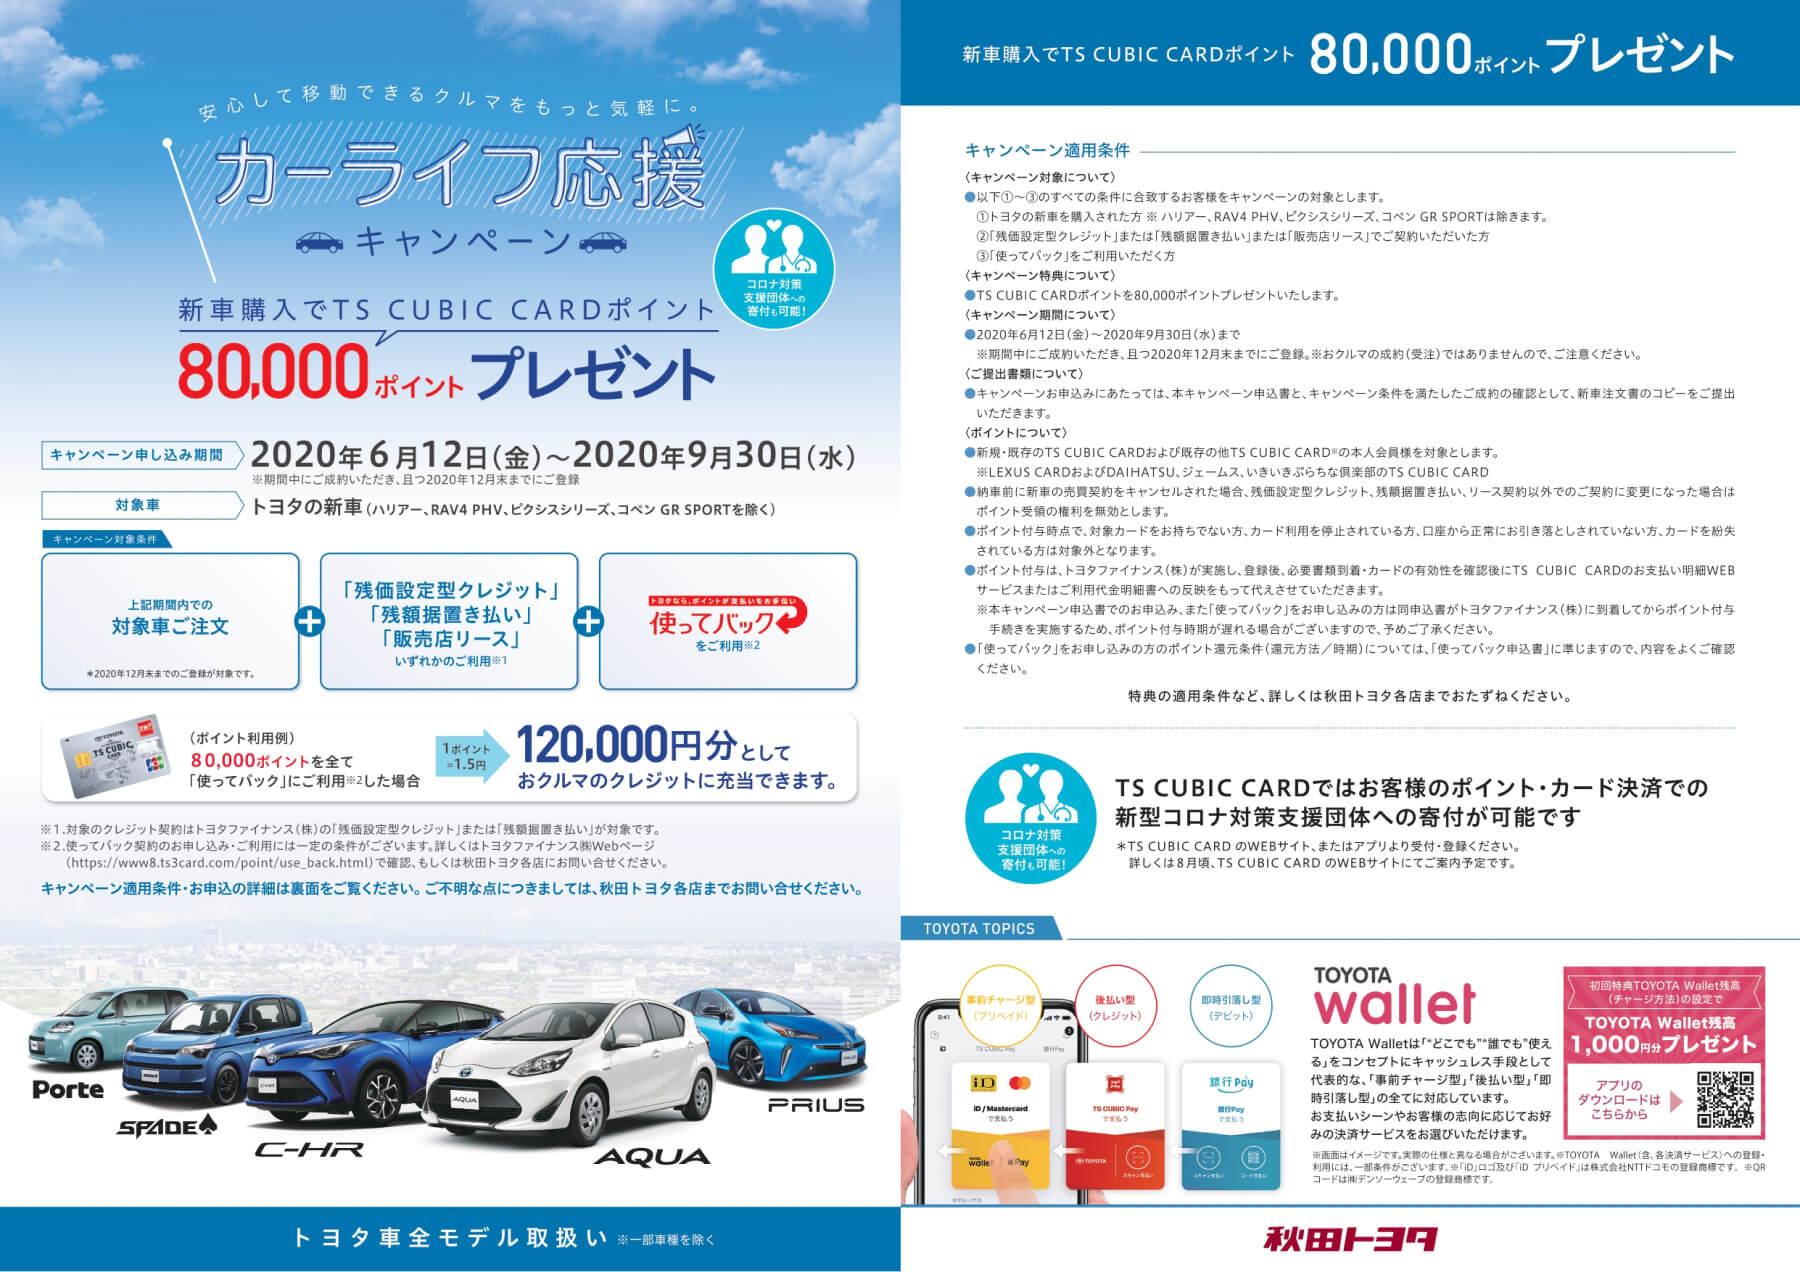 秋田トヨタ-カーライフ応援-新車